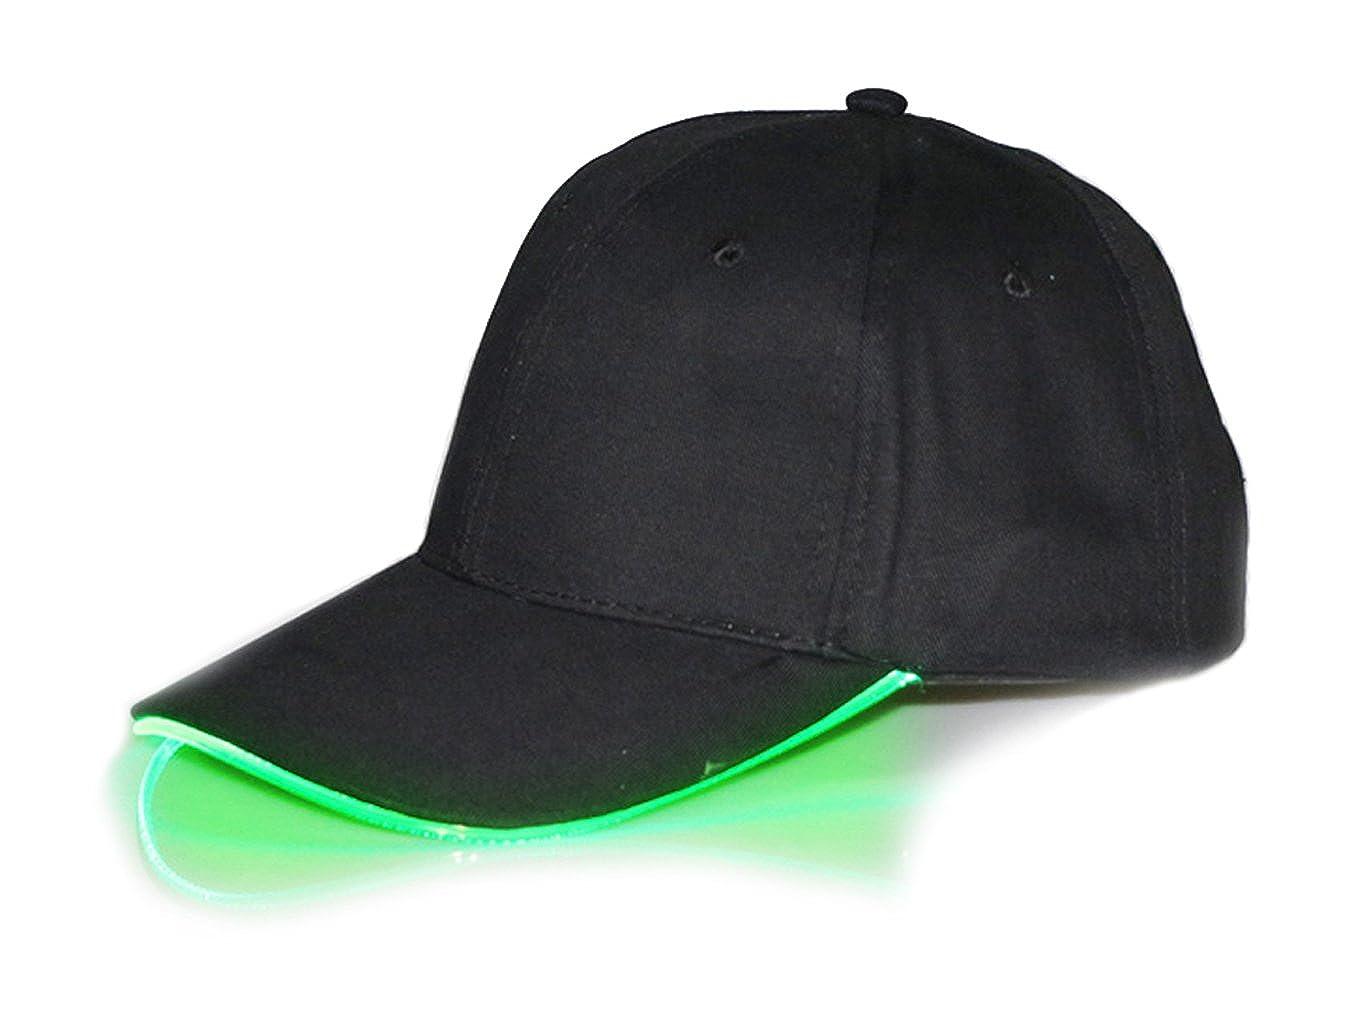 HONGZHESHEN LED Light Up Show Baseball Cap Mittens Gloves Set for Kids Single Commodity for Adult